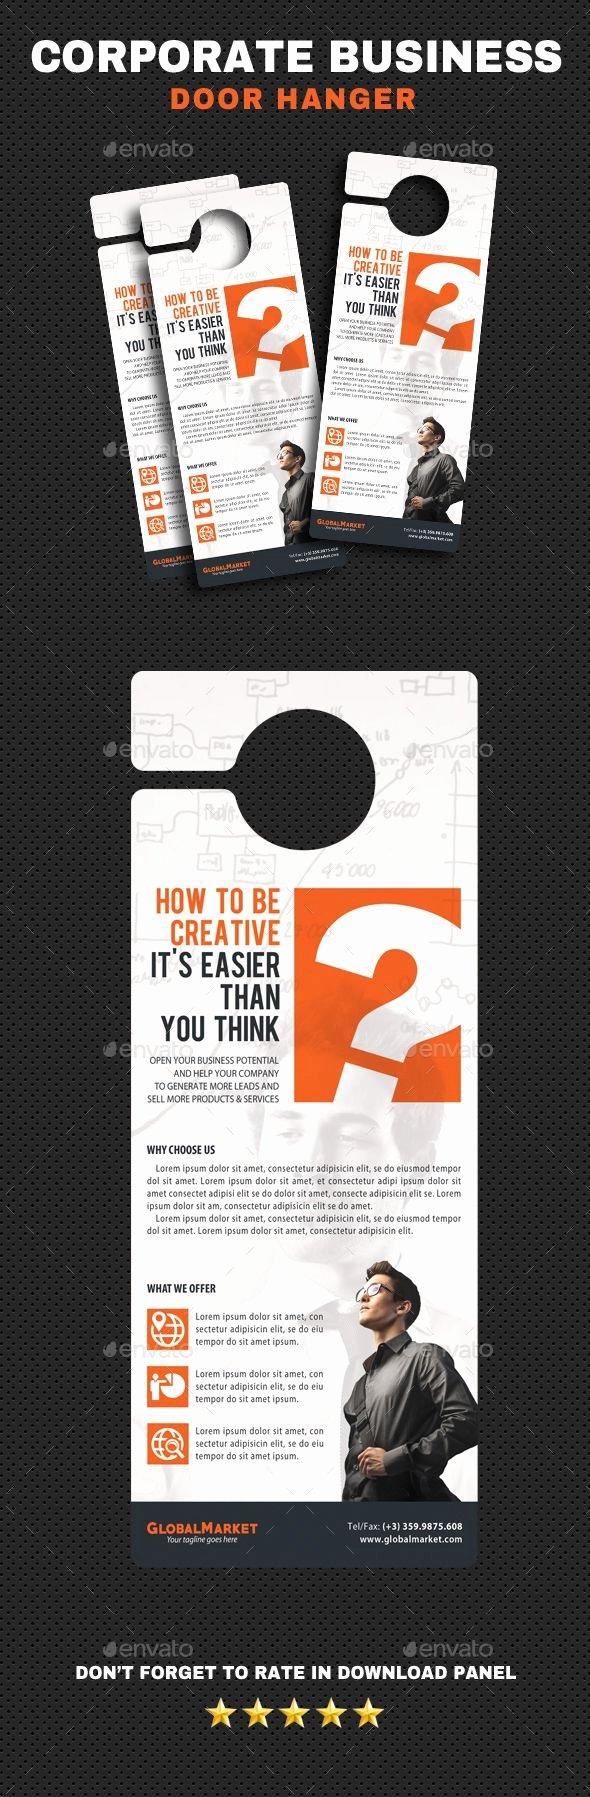 Door Hanger Template Psd Awesome Best 25 Door Hanger Template Ideas On Pinterest